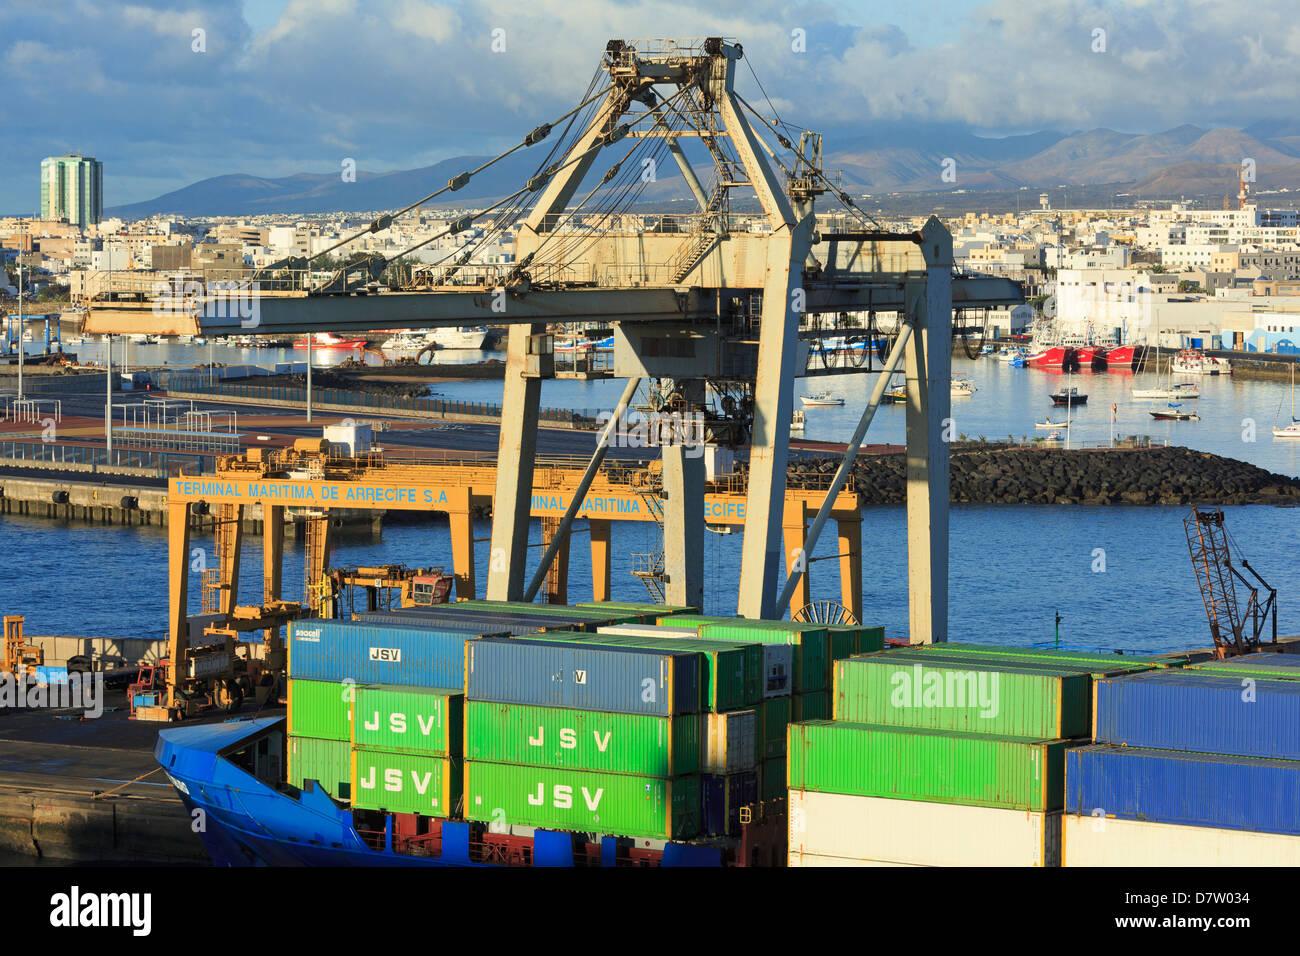 Conatiner ship in the Port of Marmoles, Arrecife, Lanzarote Island, Canary Islands, Spain, Atlantic - Stock Image